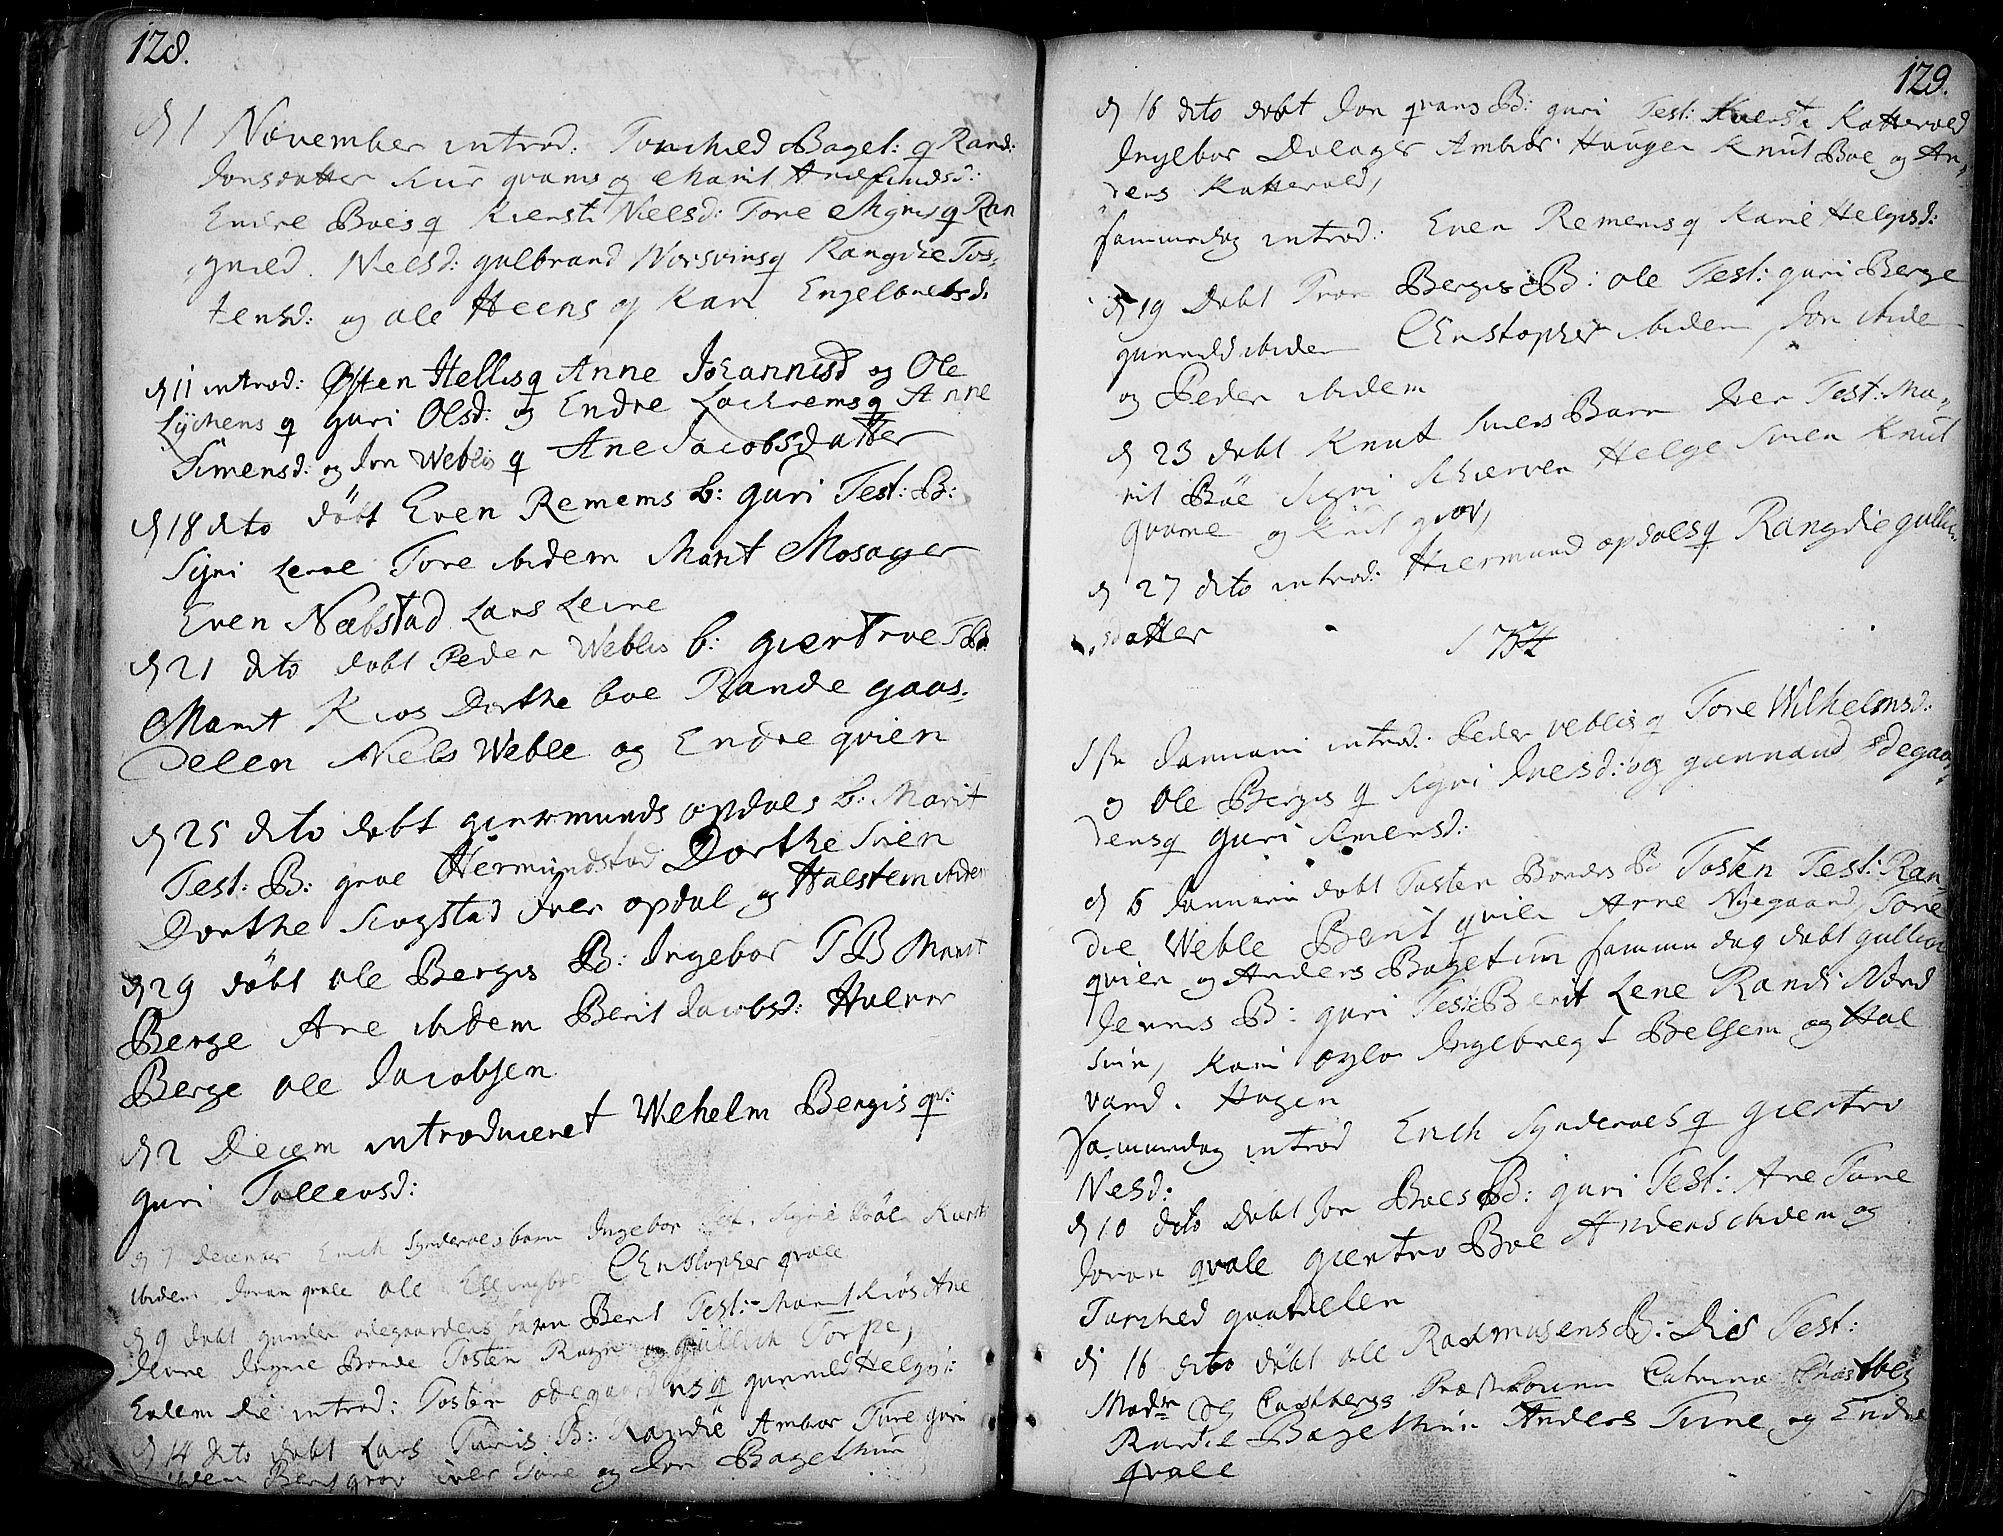 SAH, Vang prestekontor, Valdres, Ministerialbok nr. 1, 1730-1796, s. 128-129